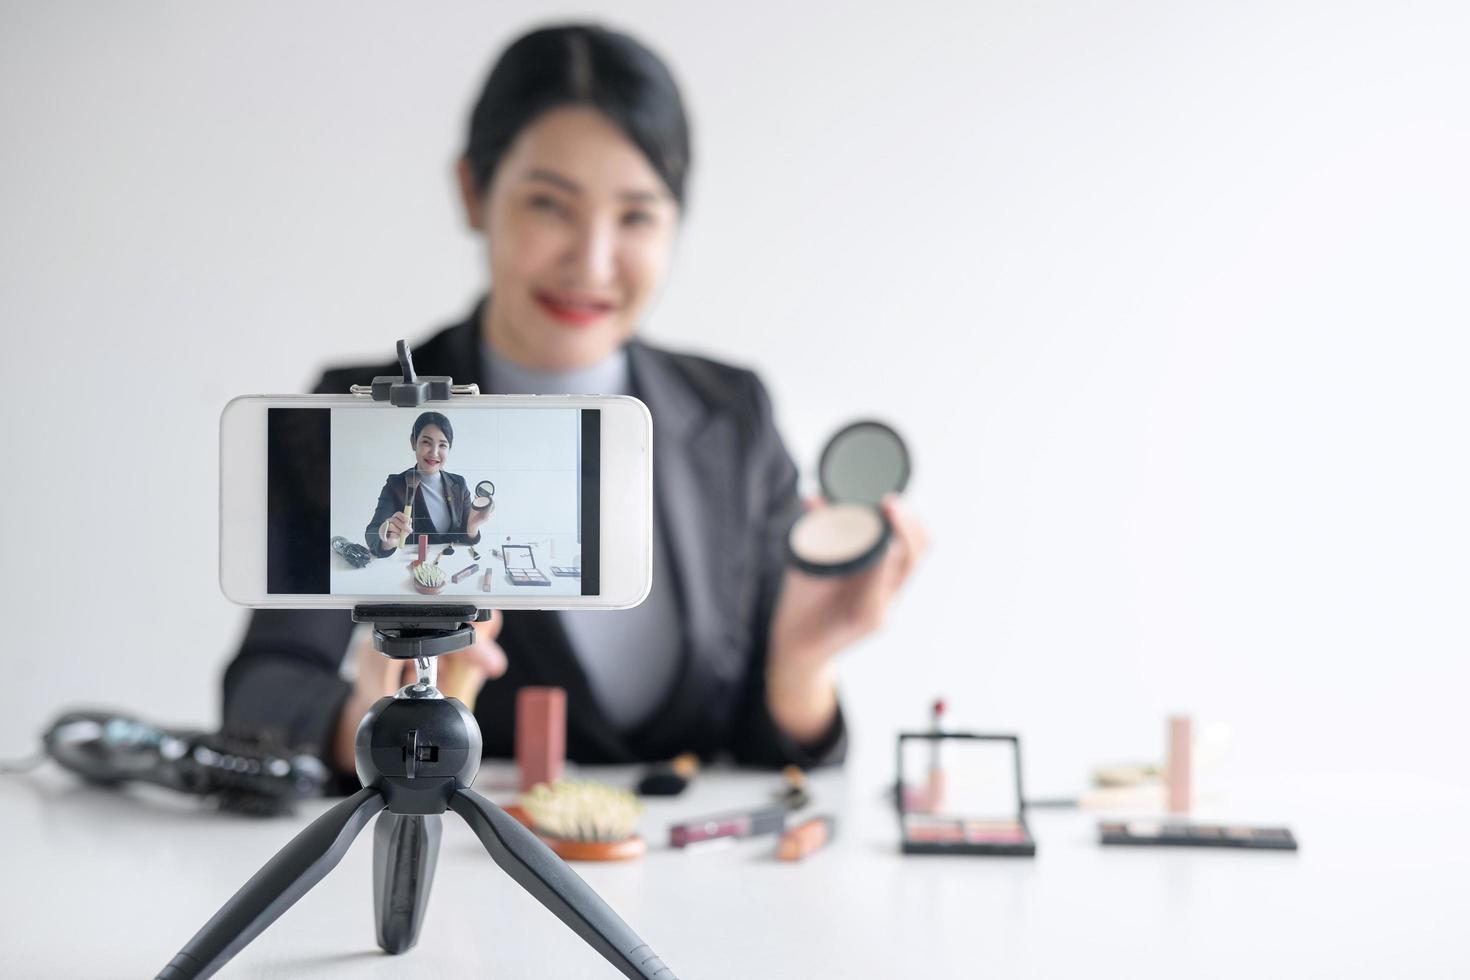 femme vlogger fait un tutoriel de maquillage photo